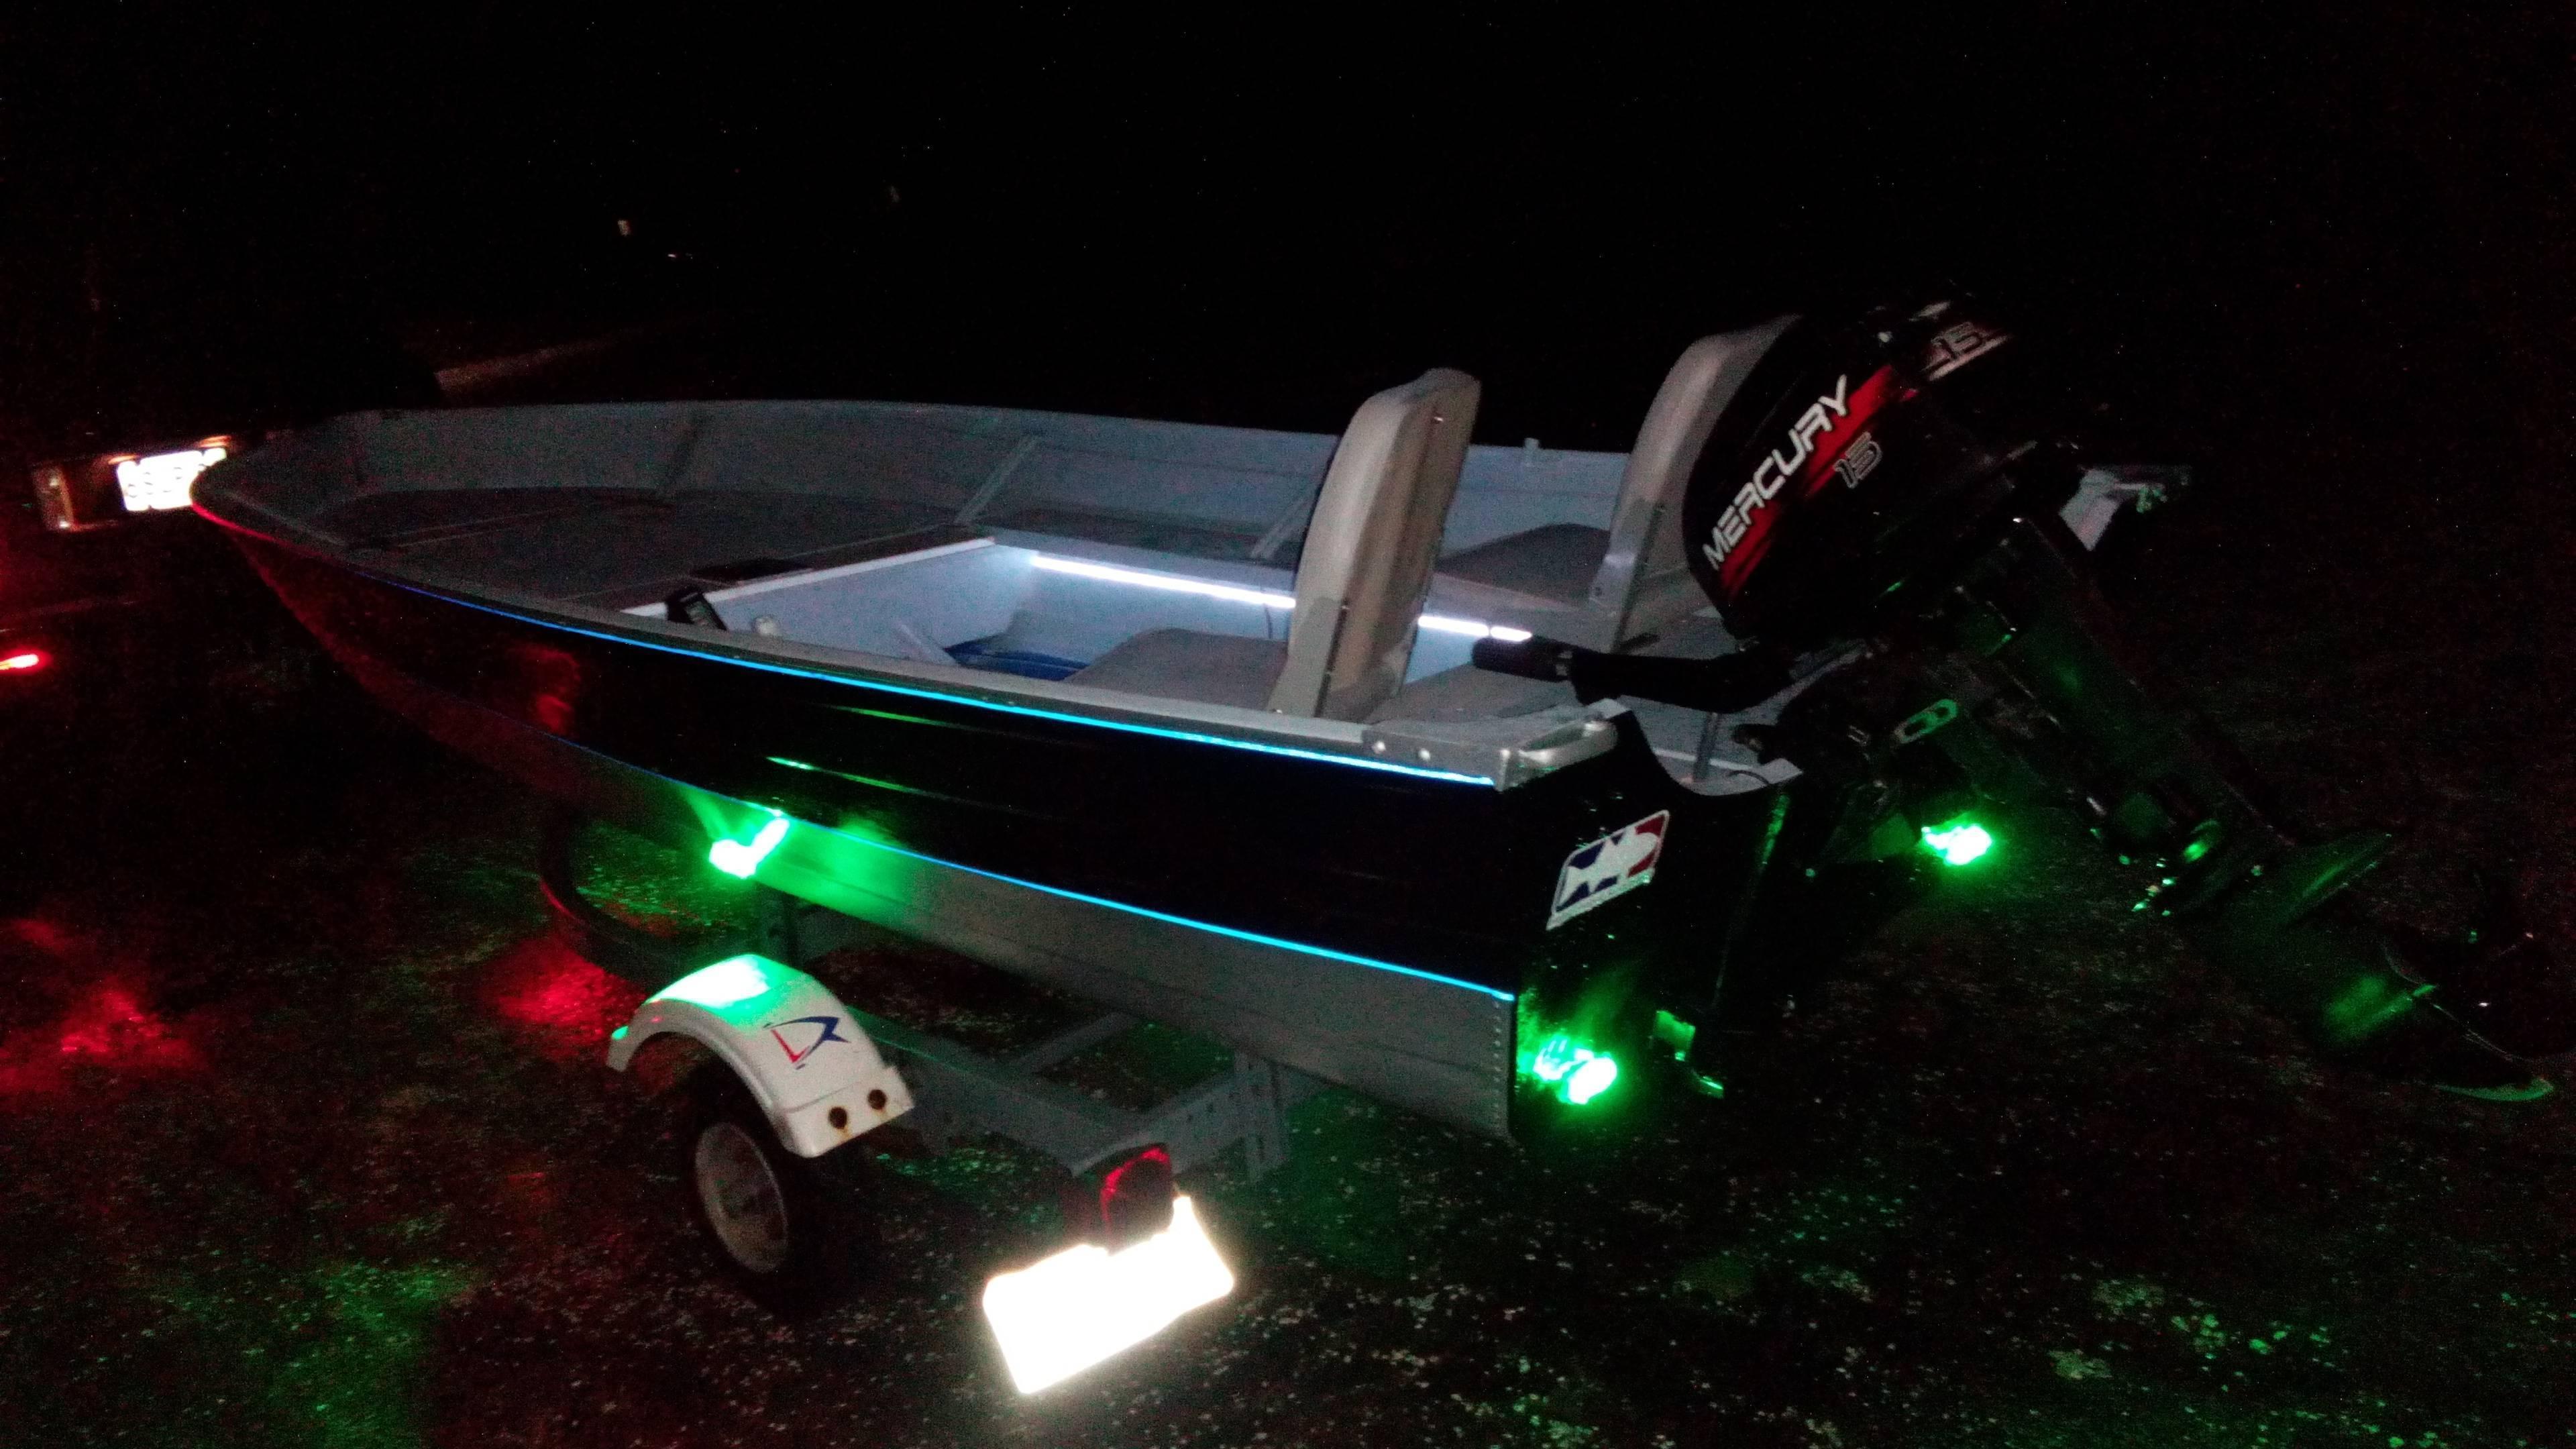 Как сделать лодку своими руками - 125 фото новинок и качественные инструкции!